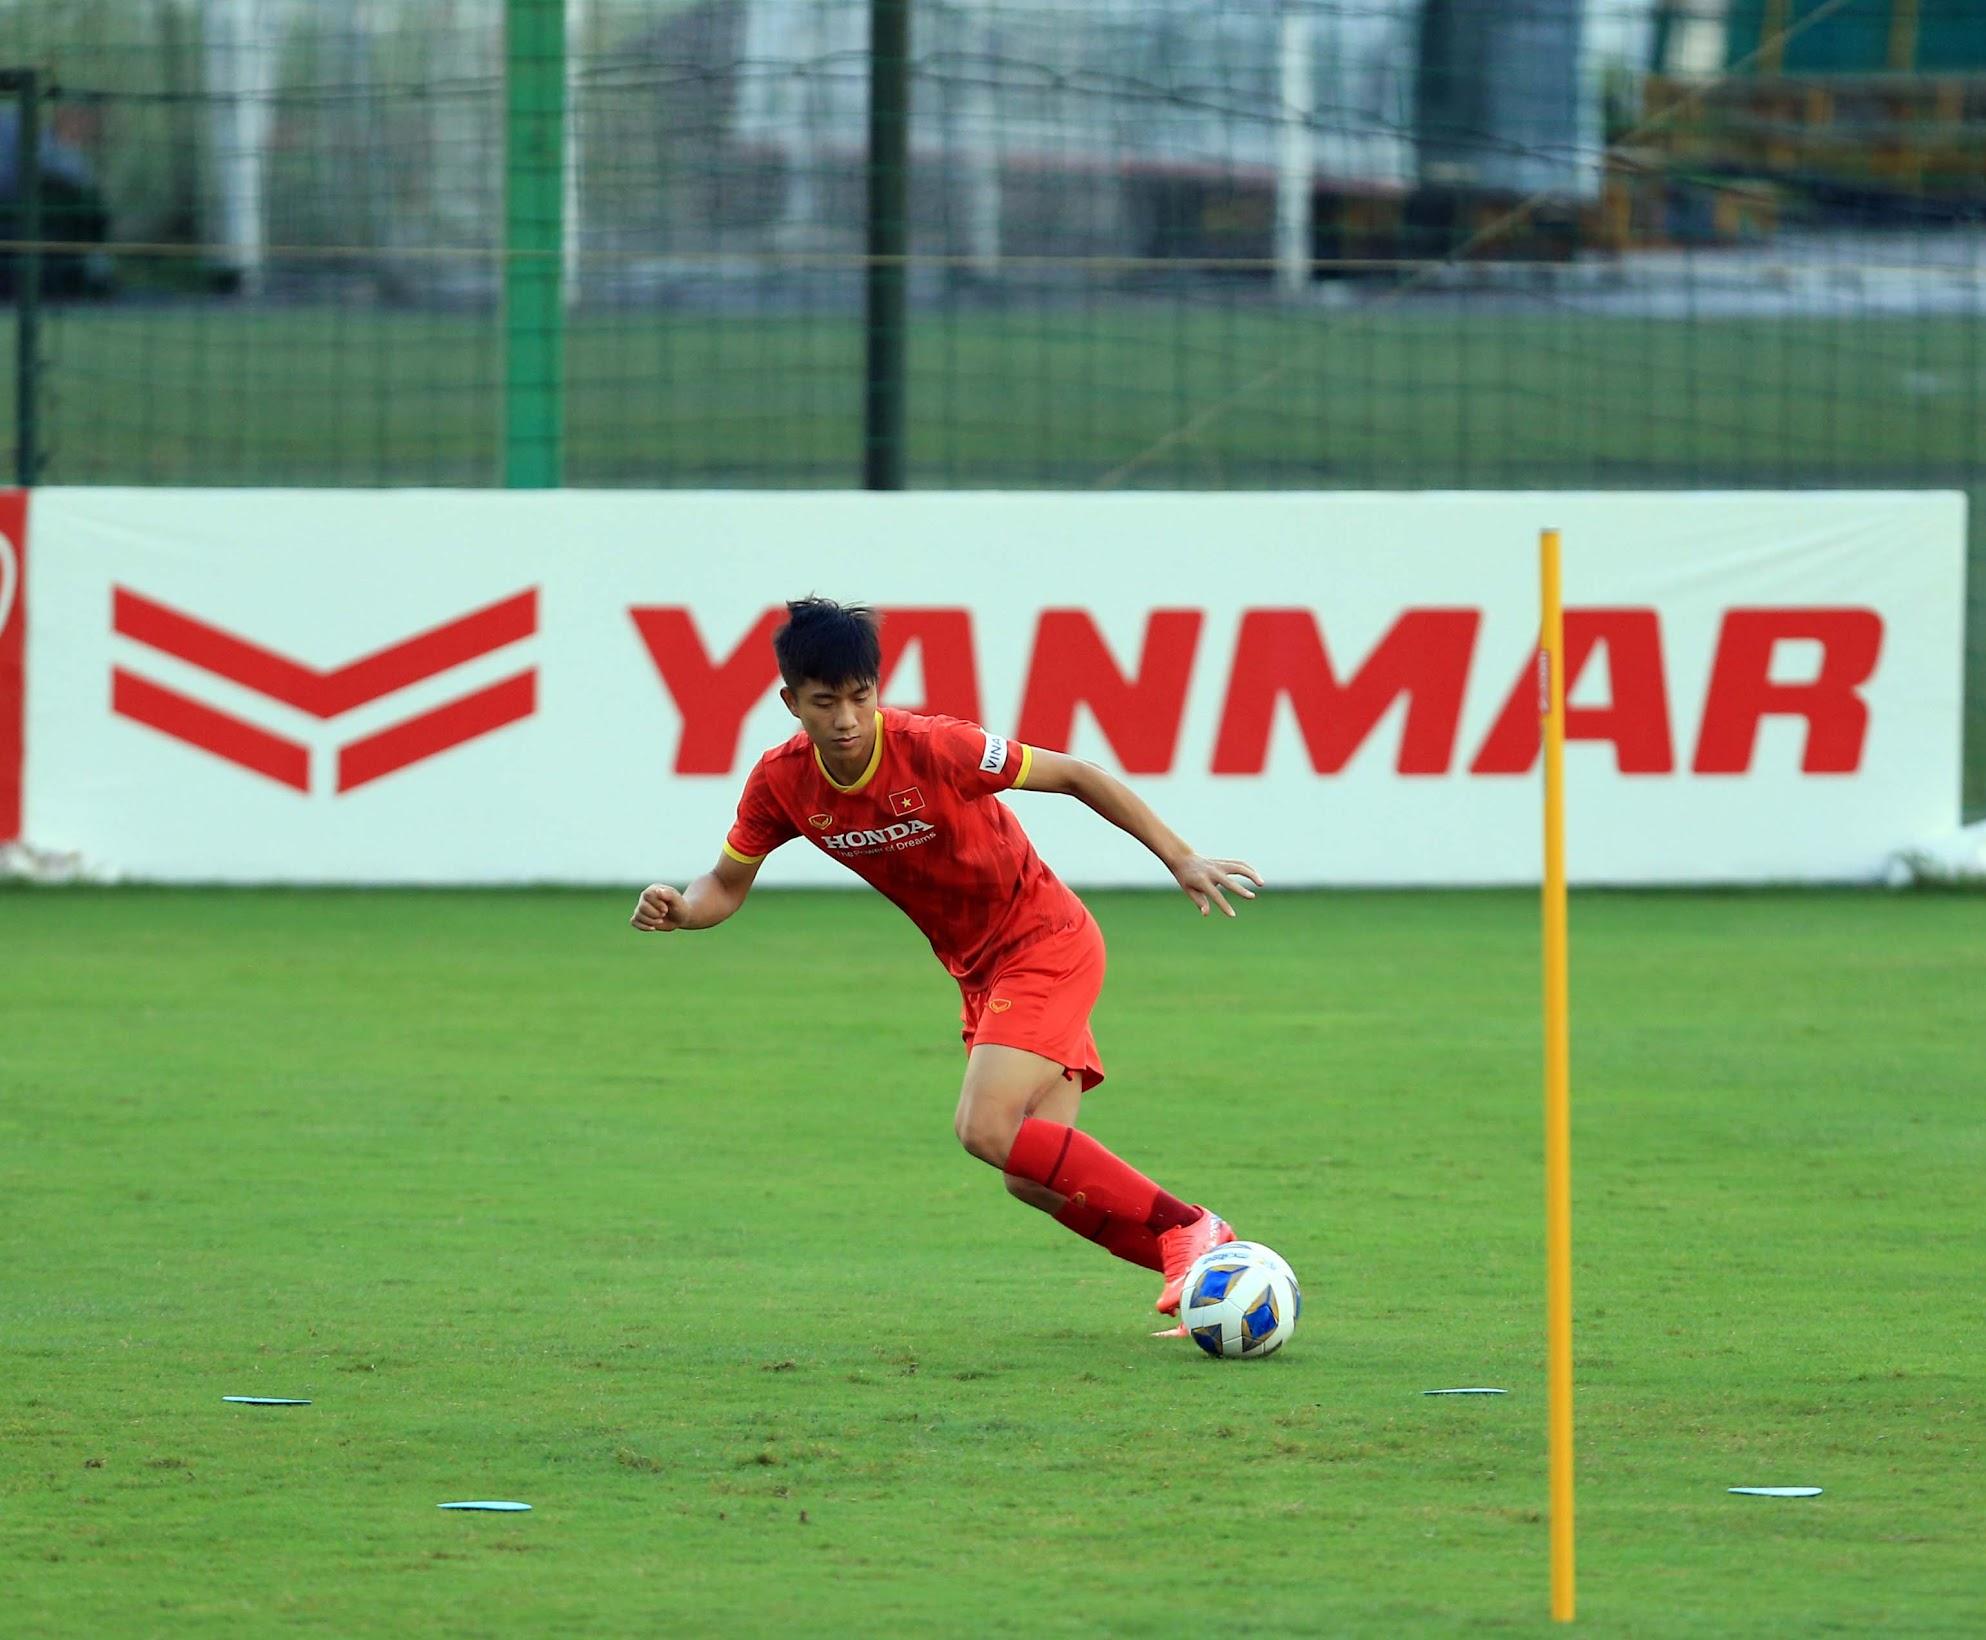 Tuấn Anh và đồng đội hào hứng khi trở thành thủ môn bất đắc dĩ cho tuyển Việt Nam - ảnh 26